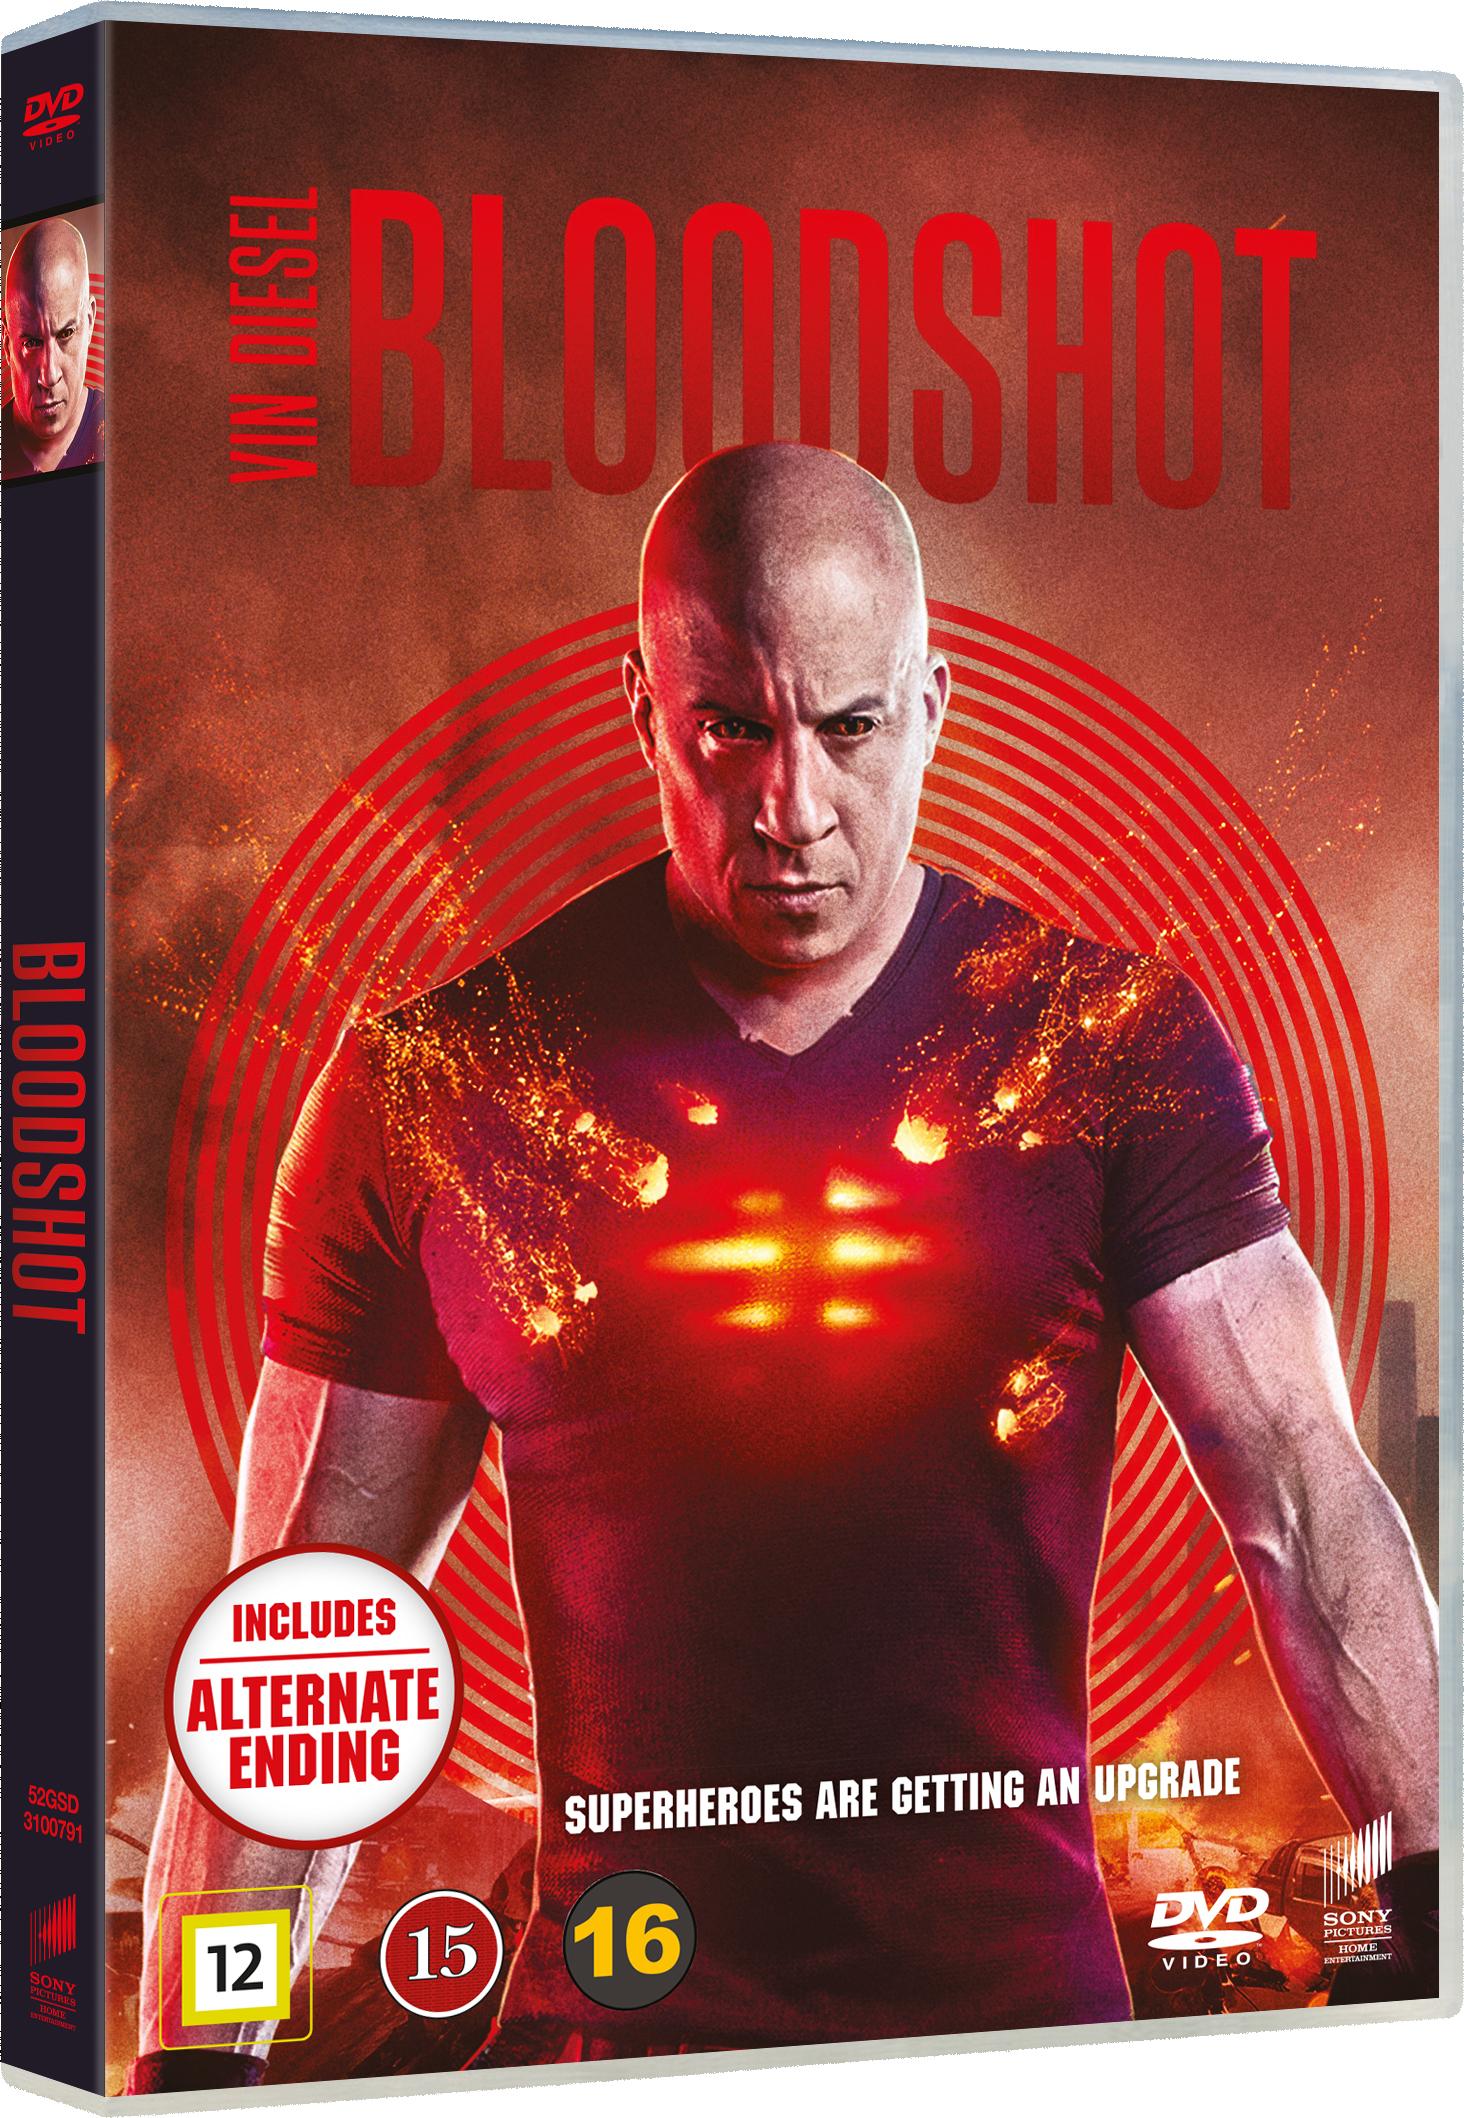 Bloodshot -  - Film -  - 7330031007918 - 18. maj 2020